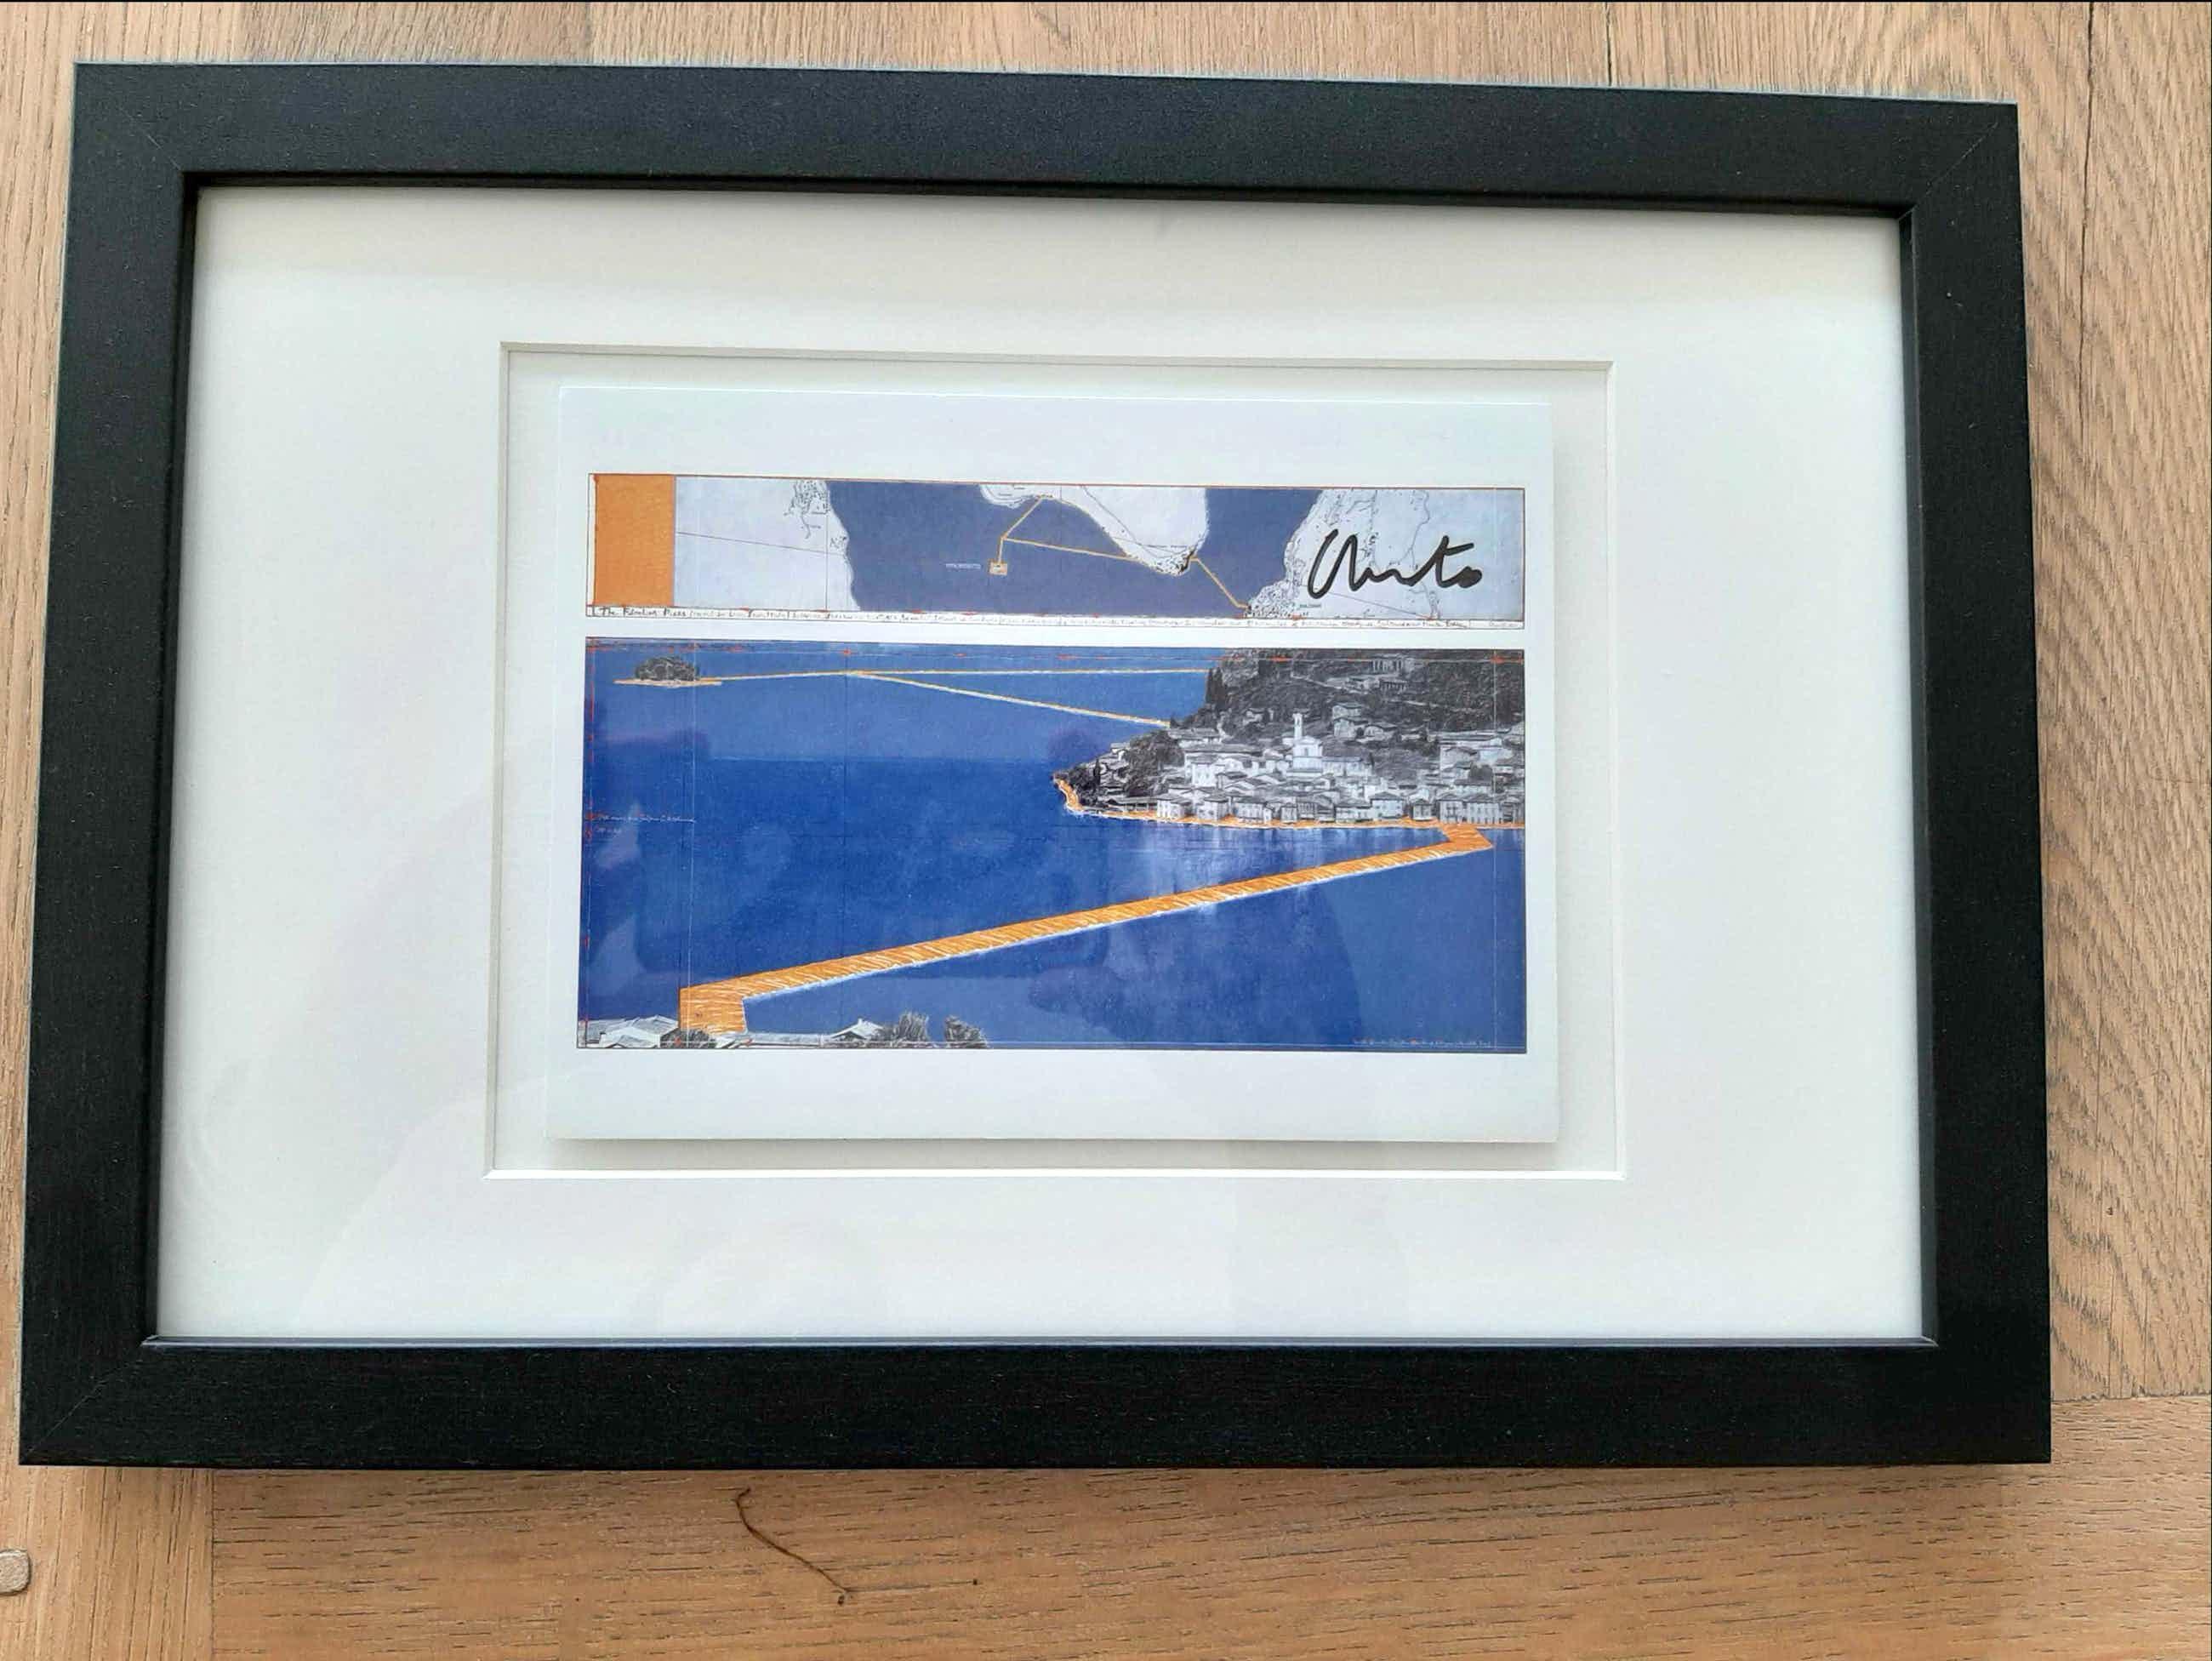 Christo - Floating Piers, Lake Iseo - Ingelijst en handgesigneerd kopen? Bied vanaf 180!